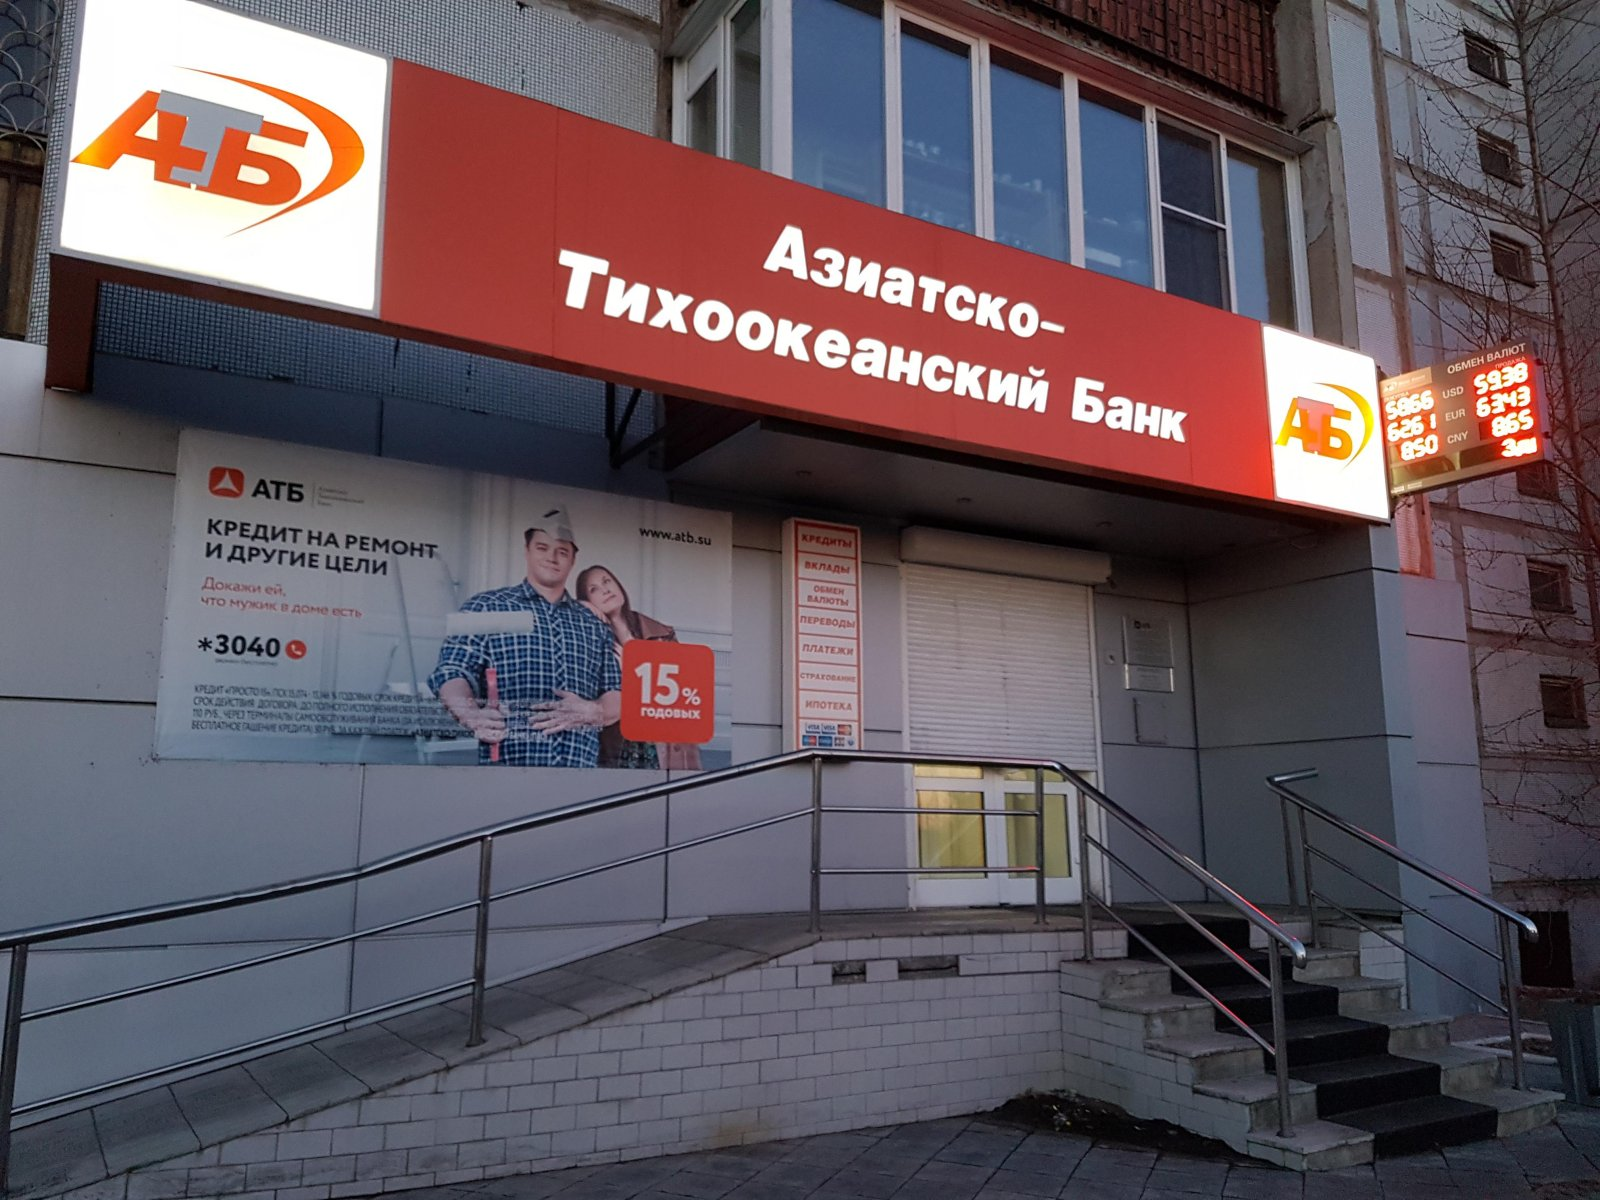 aziatsko-tixookeanskij-bank-kredit_15